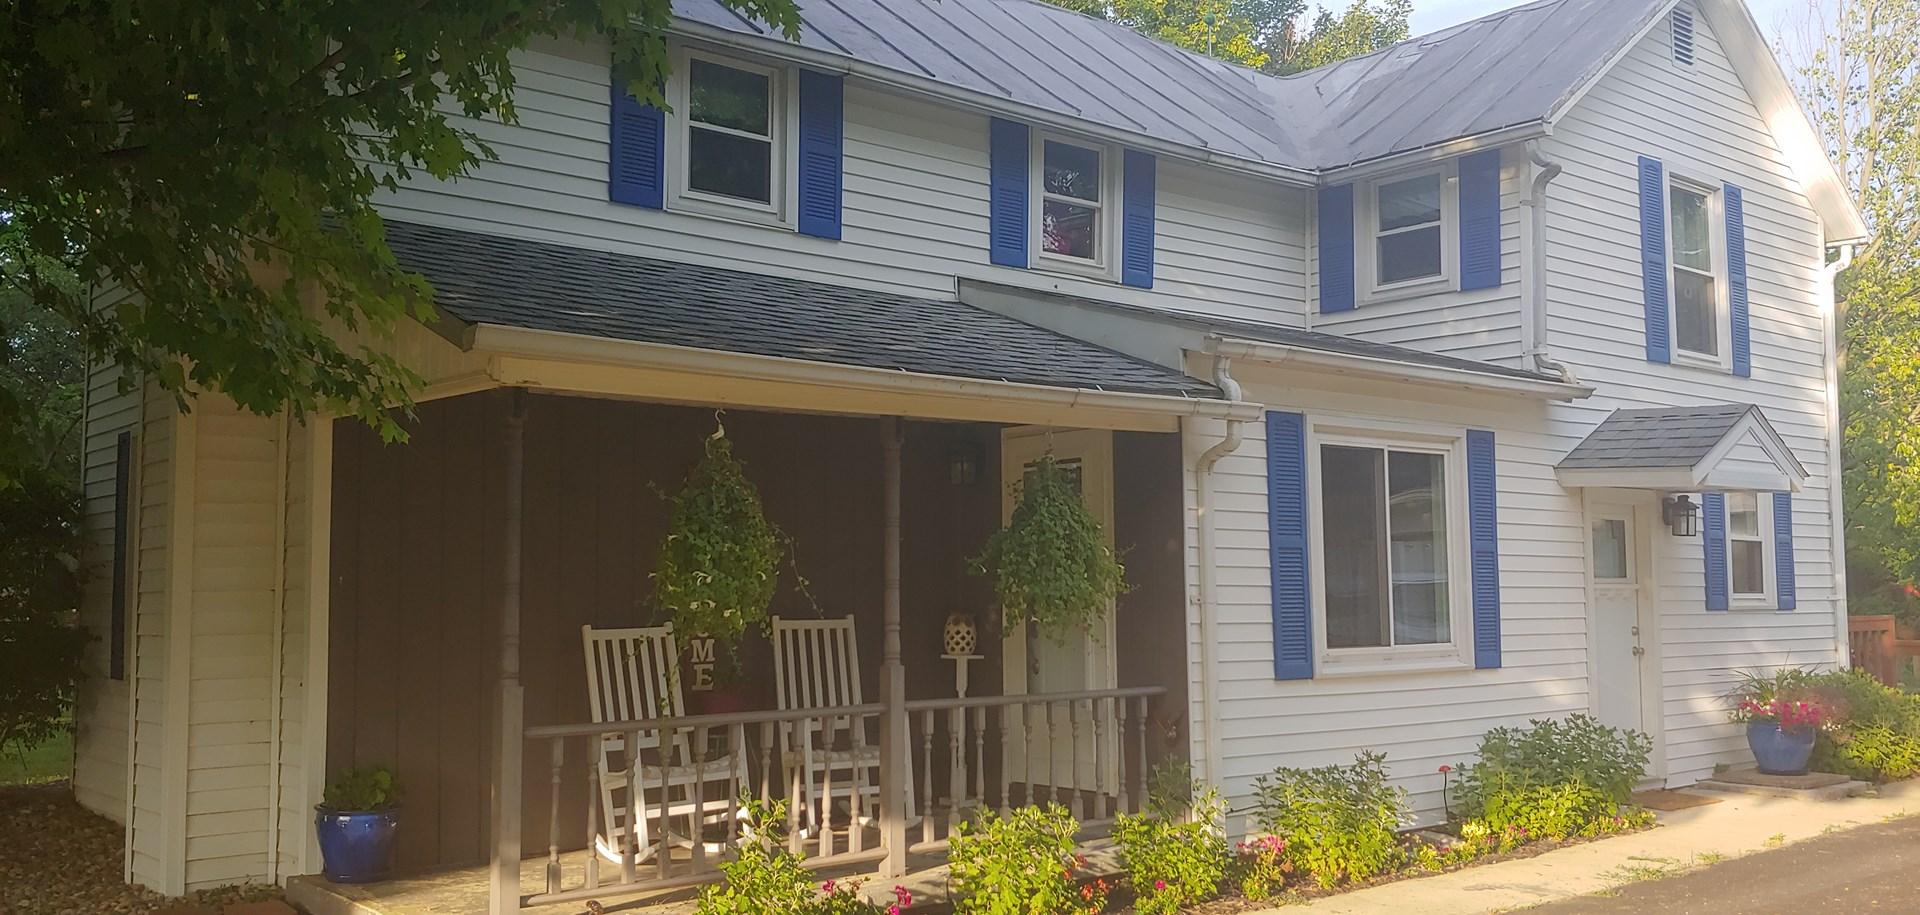 Home for Sale in McCutchenville, OH Seneca County, Ohio